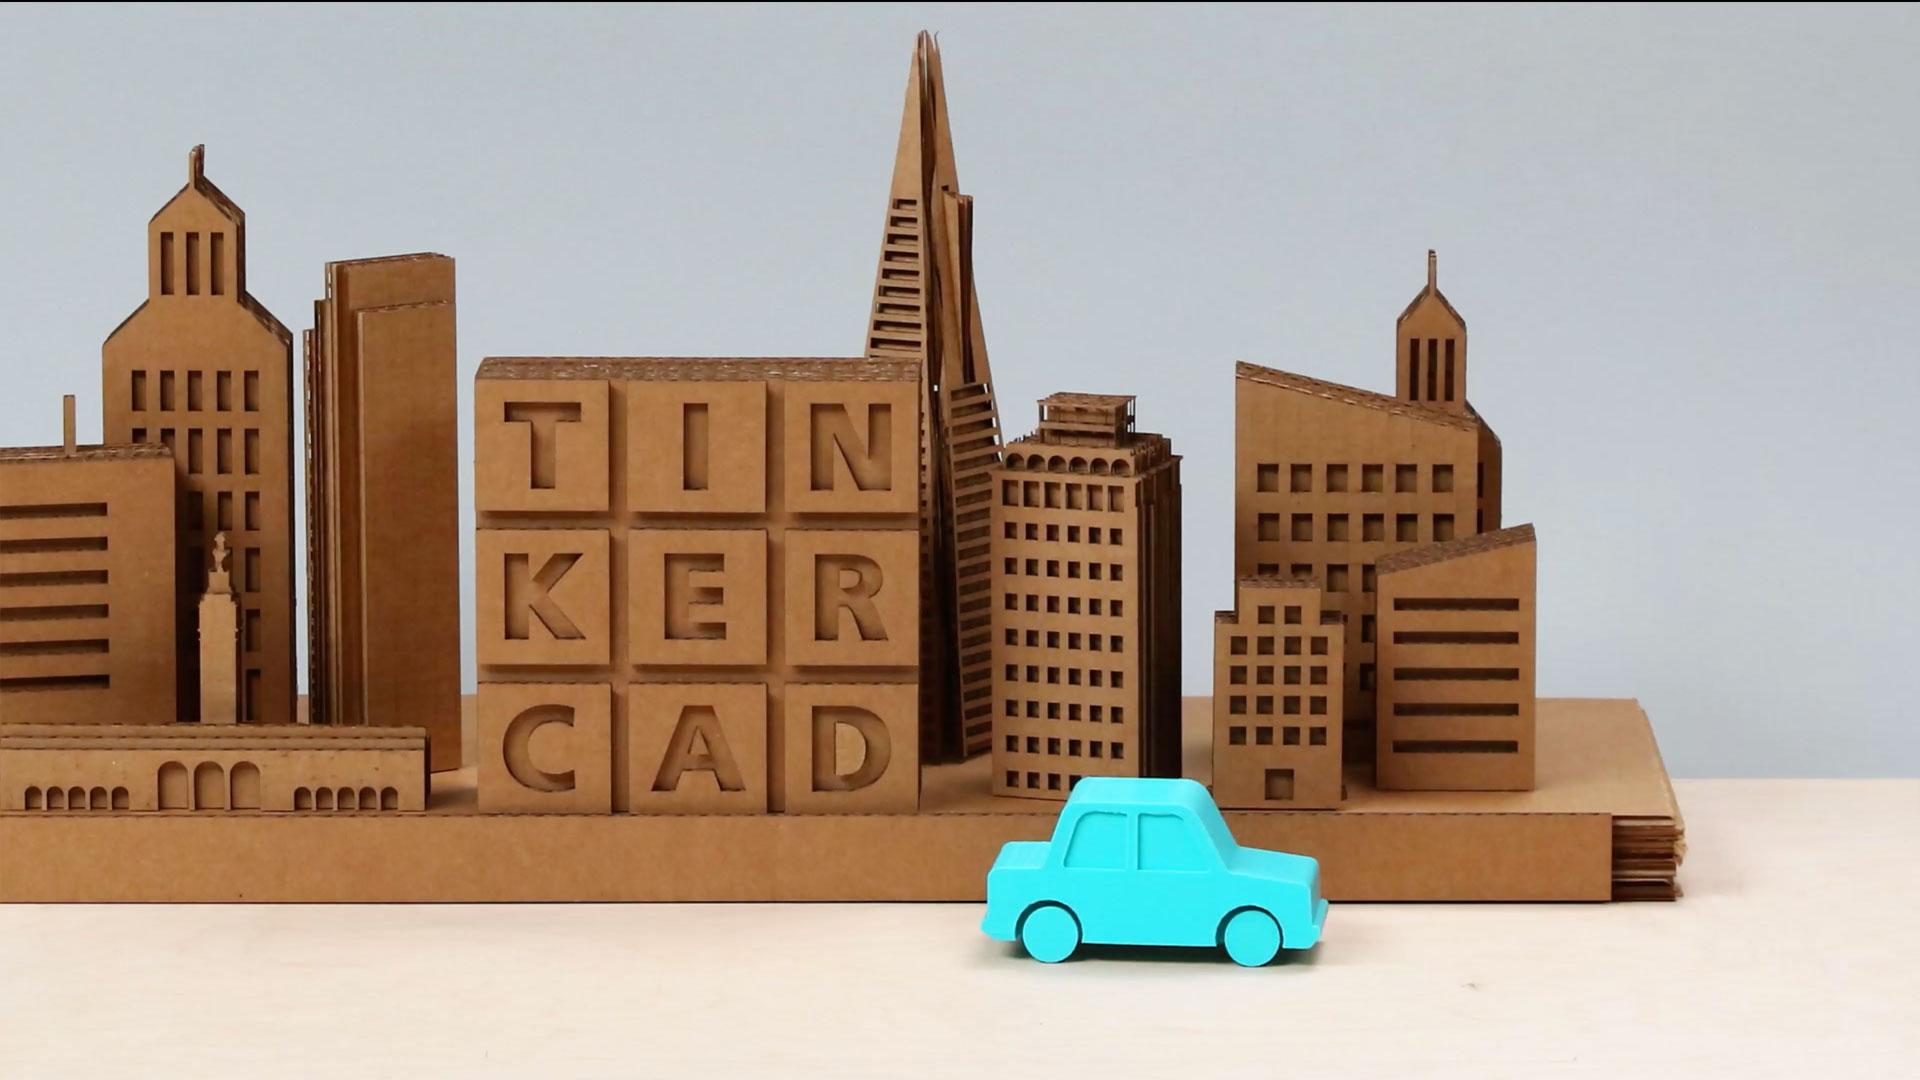 AUTODESK: Tinkercad 2